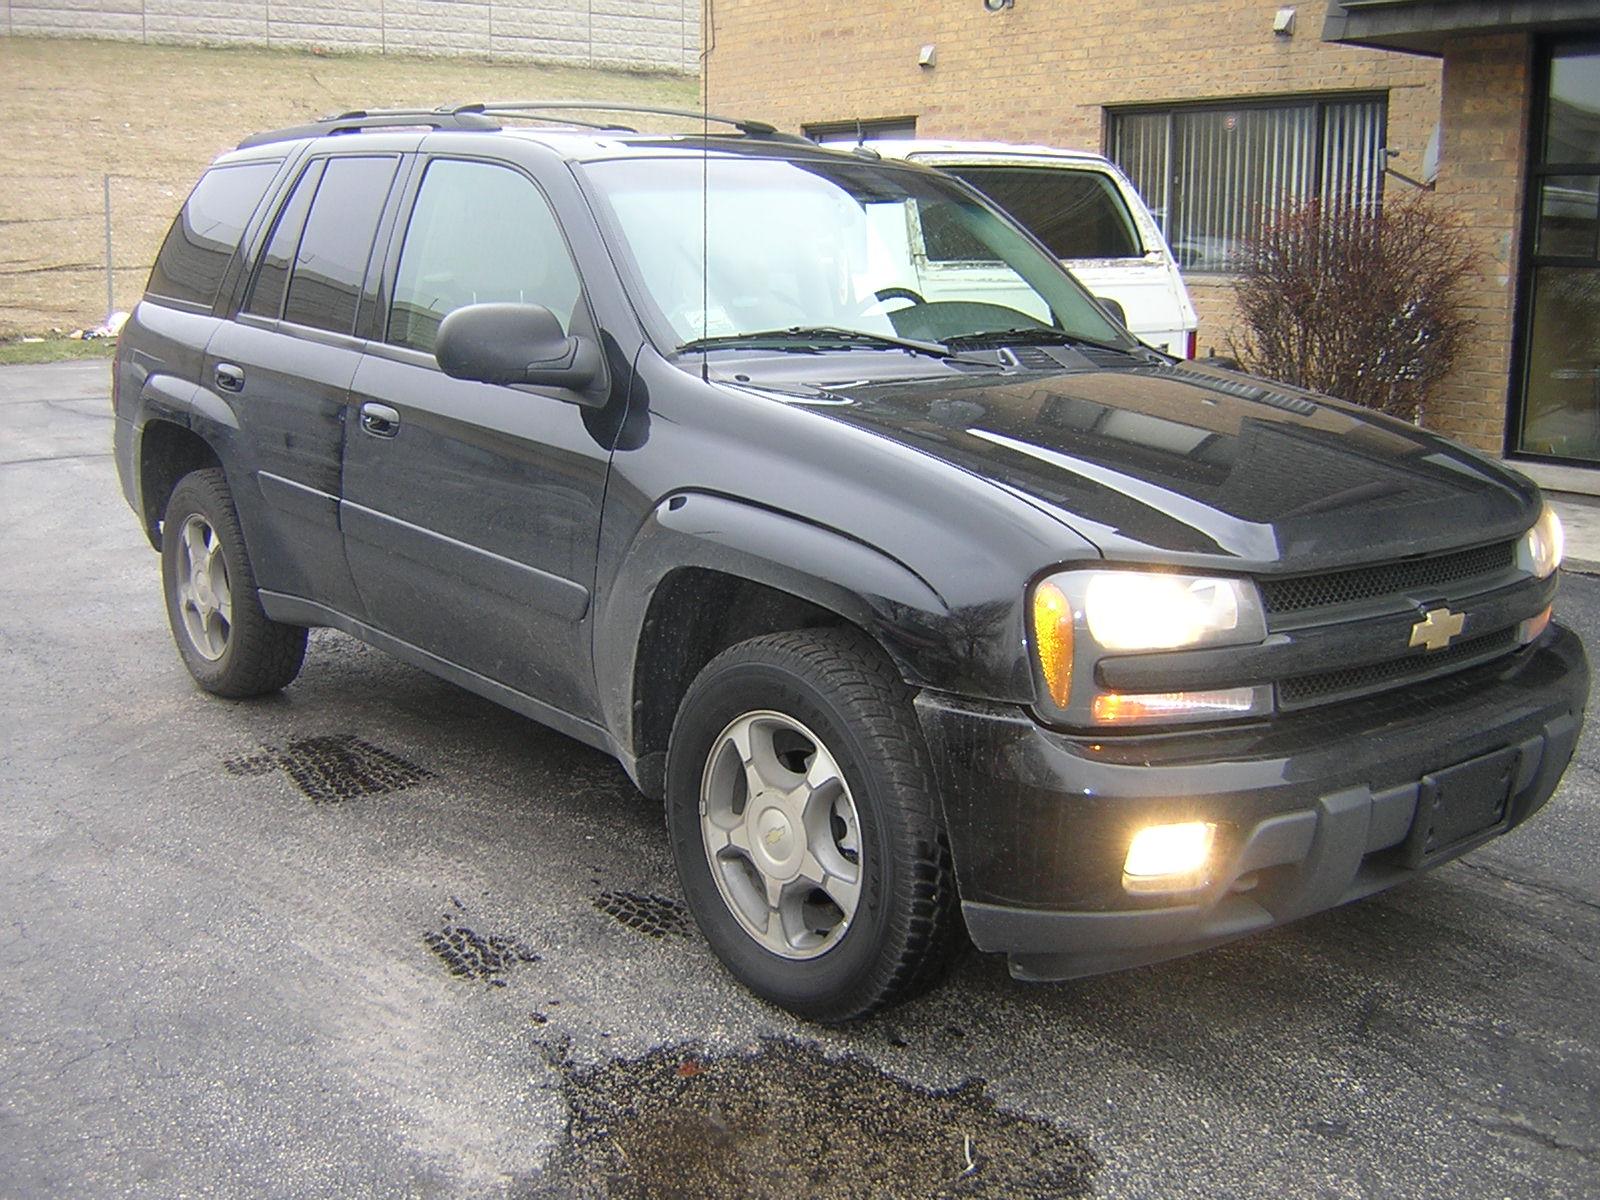 22278089 in addition Trailblazer likewise Watch also Chevrolet Trailblazer 2007 further 599150. on 2004 chevy trailblazer